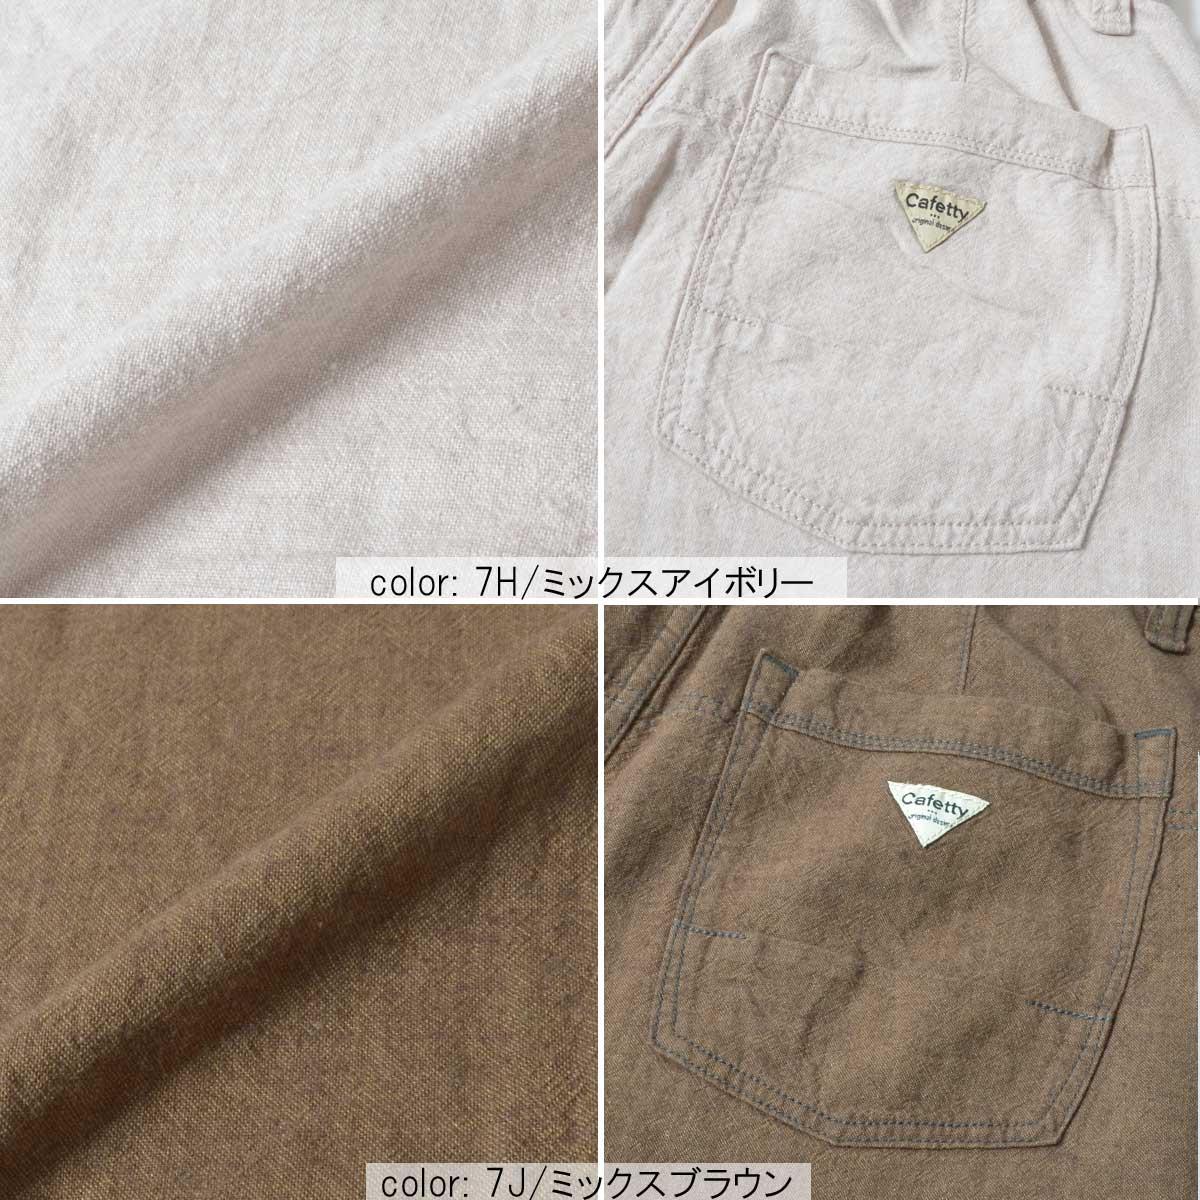 \返品送料無料/【メンズ】Cafetty リラックステーパード CFM399